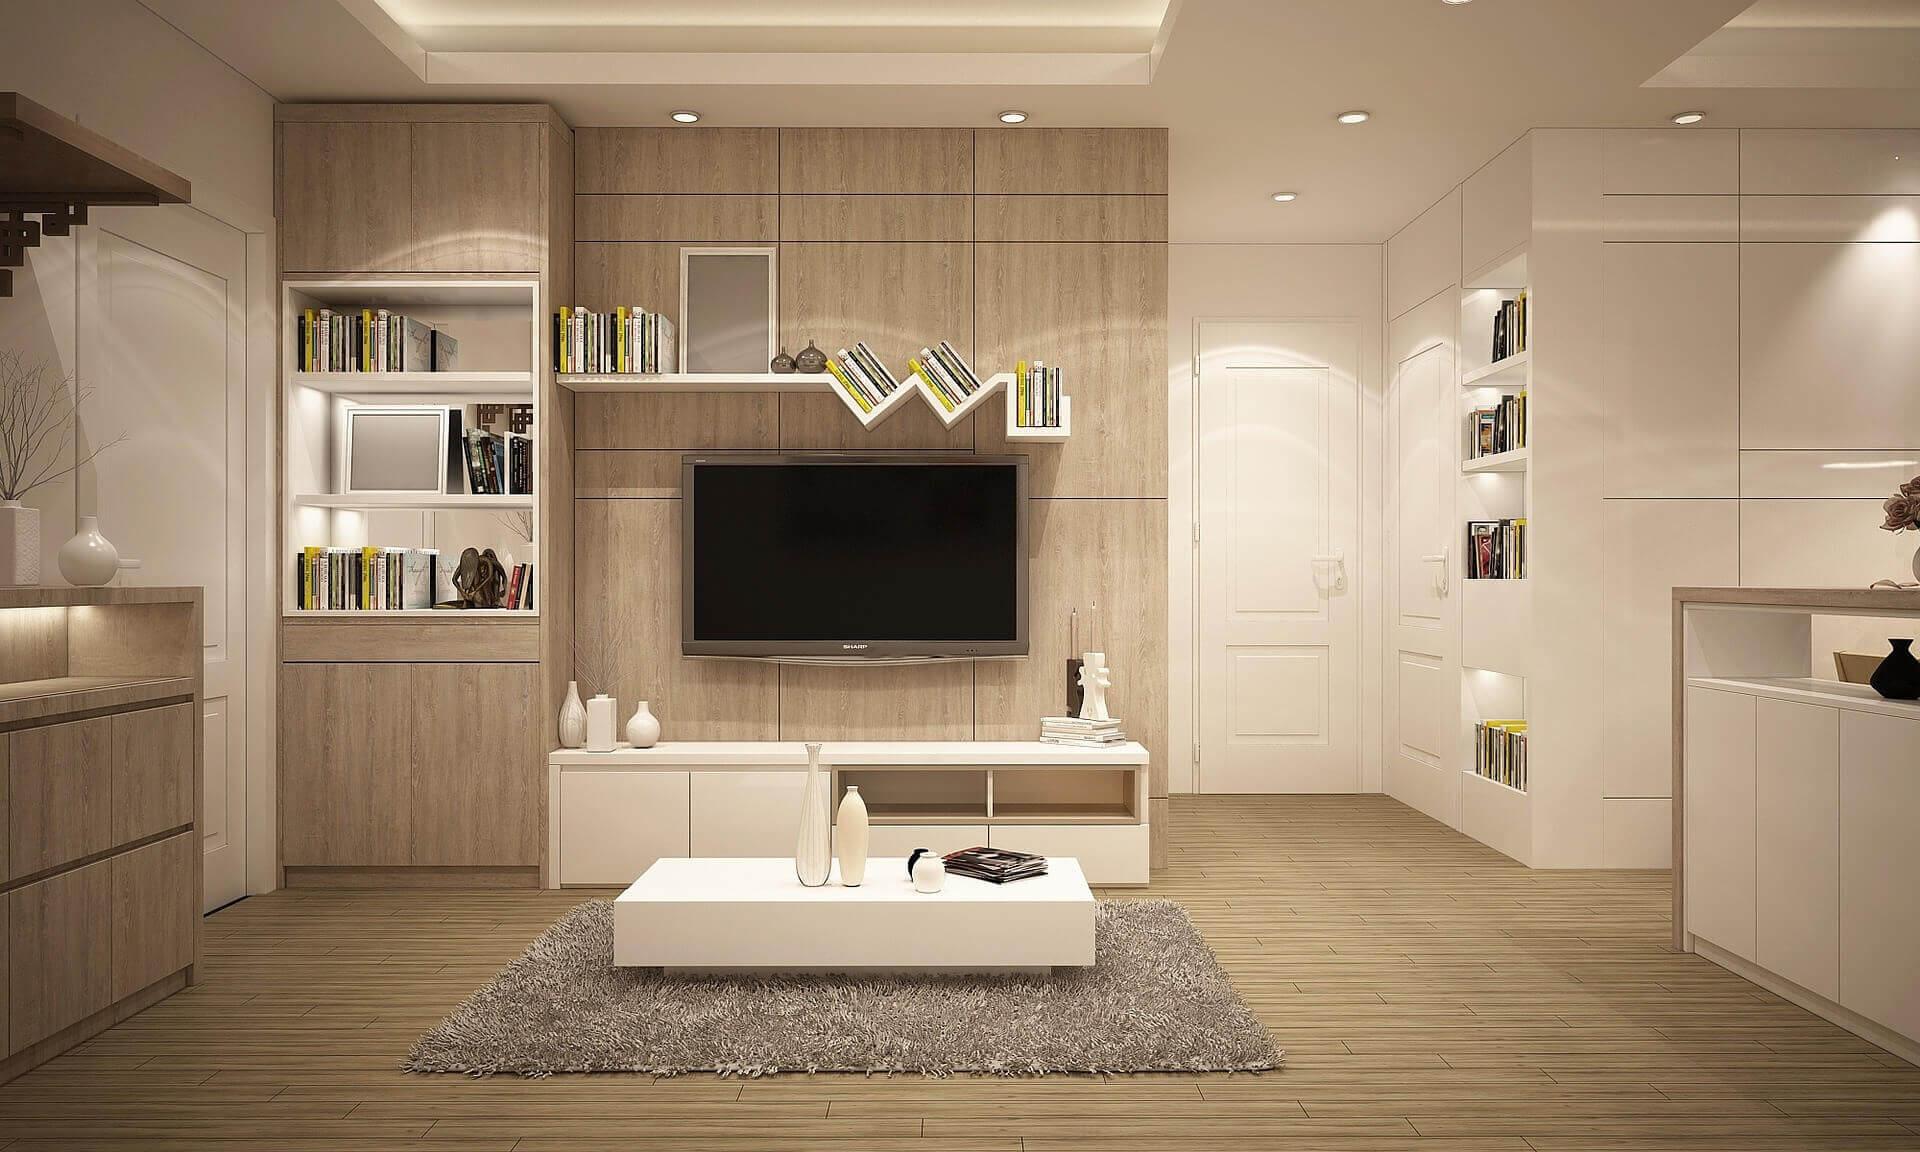 Inteligentne systemy zarządzania budynkami coraz popularniejsze